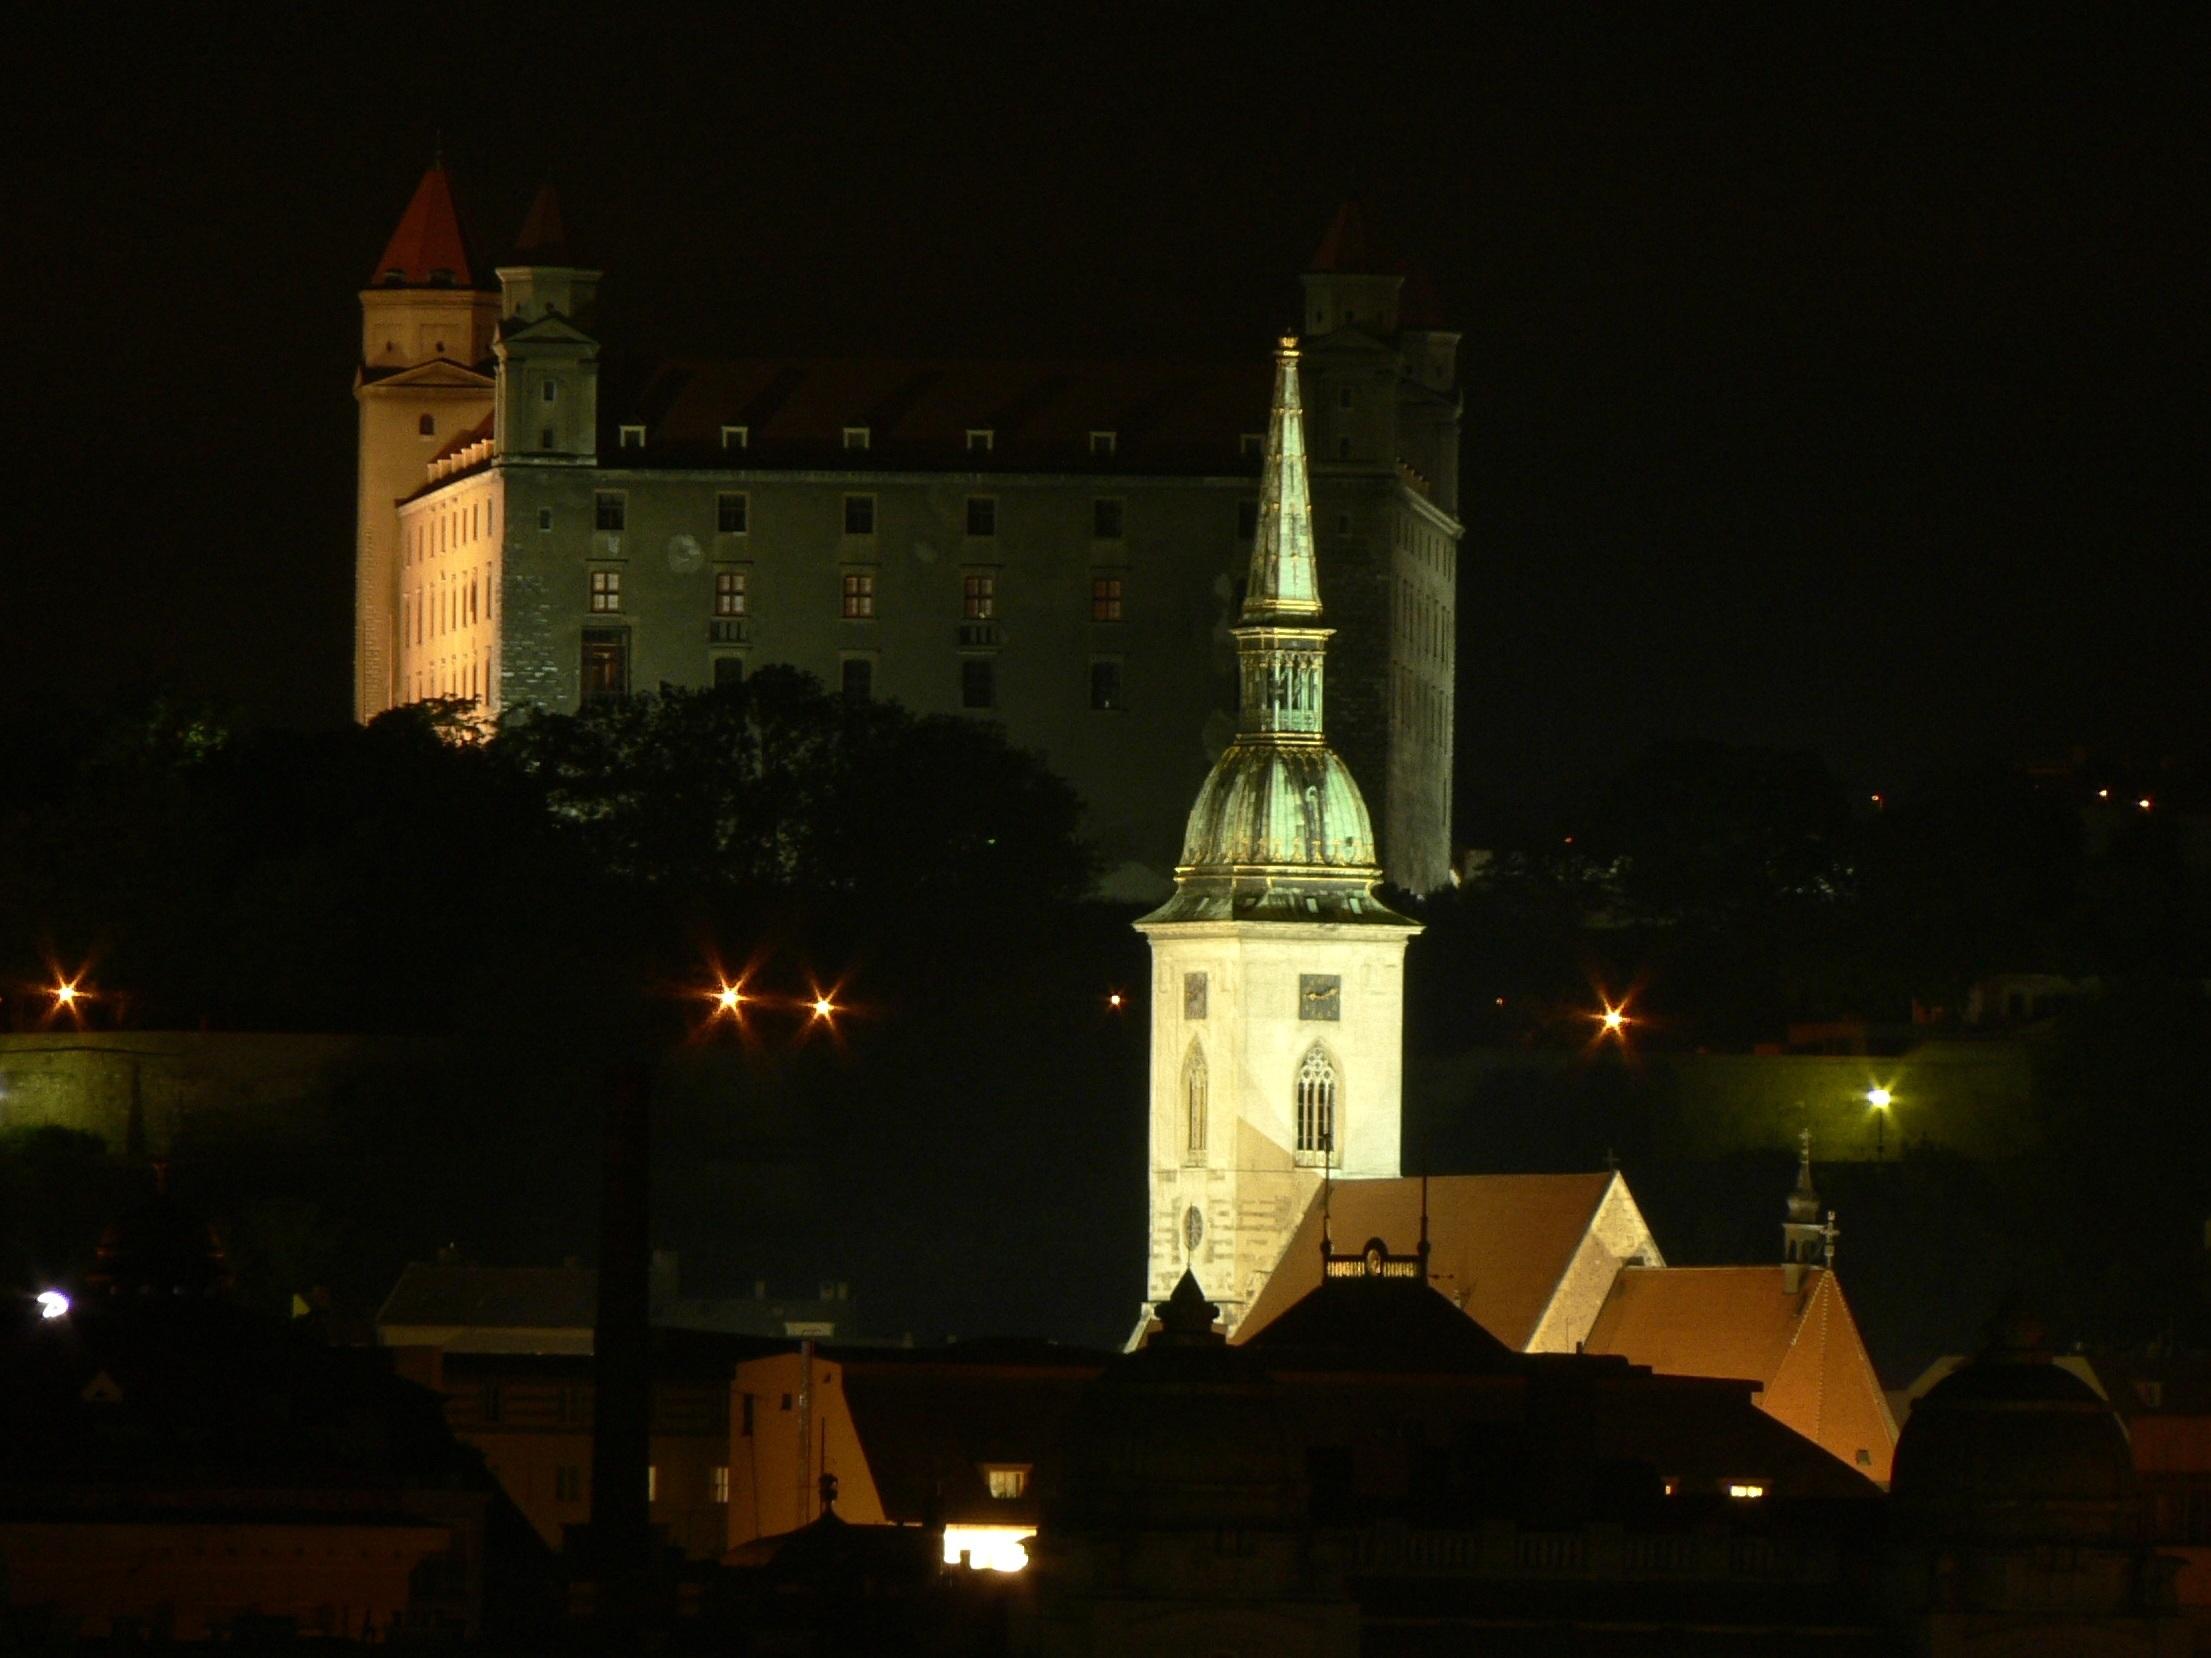 Gratis Afbeeldingen : licht, nacht, stad, schemer, avond, toren ...